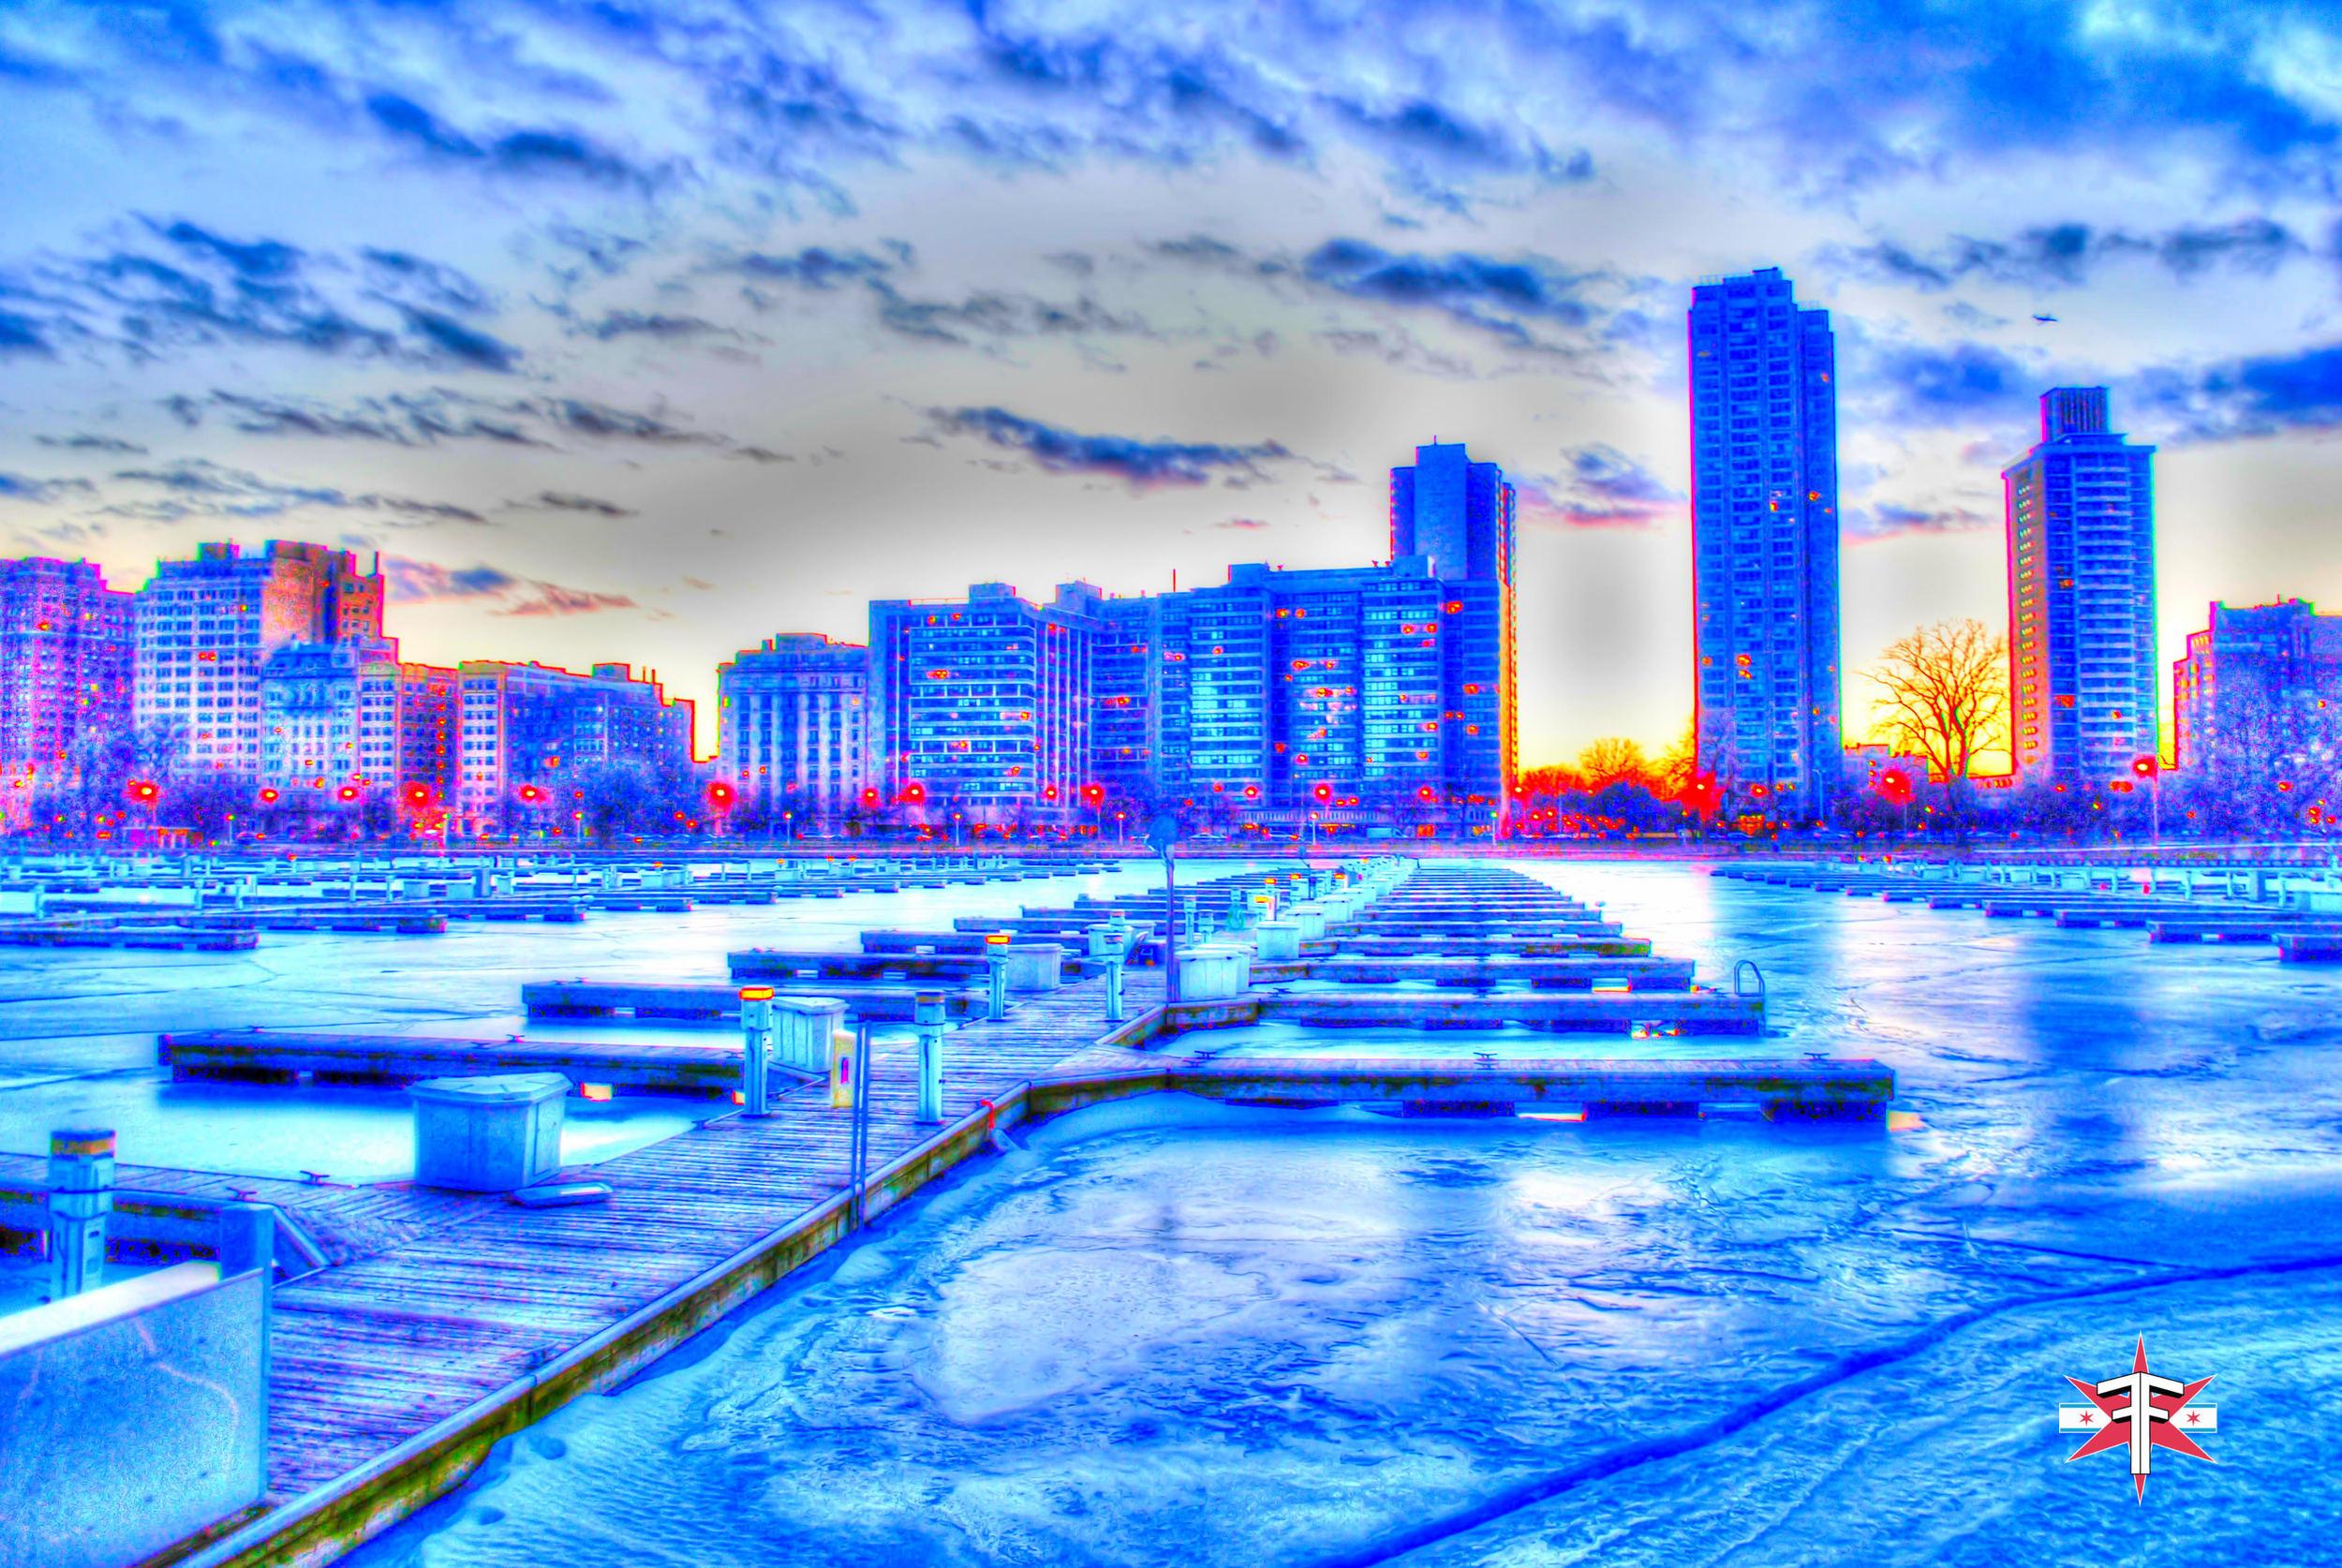 chicago art architecture eric formato photography design arquitectura architettura buildings skyscraper skyscrapers-218.jpg